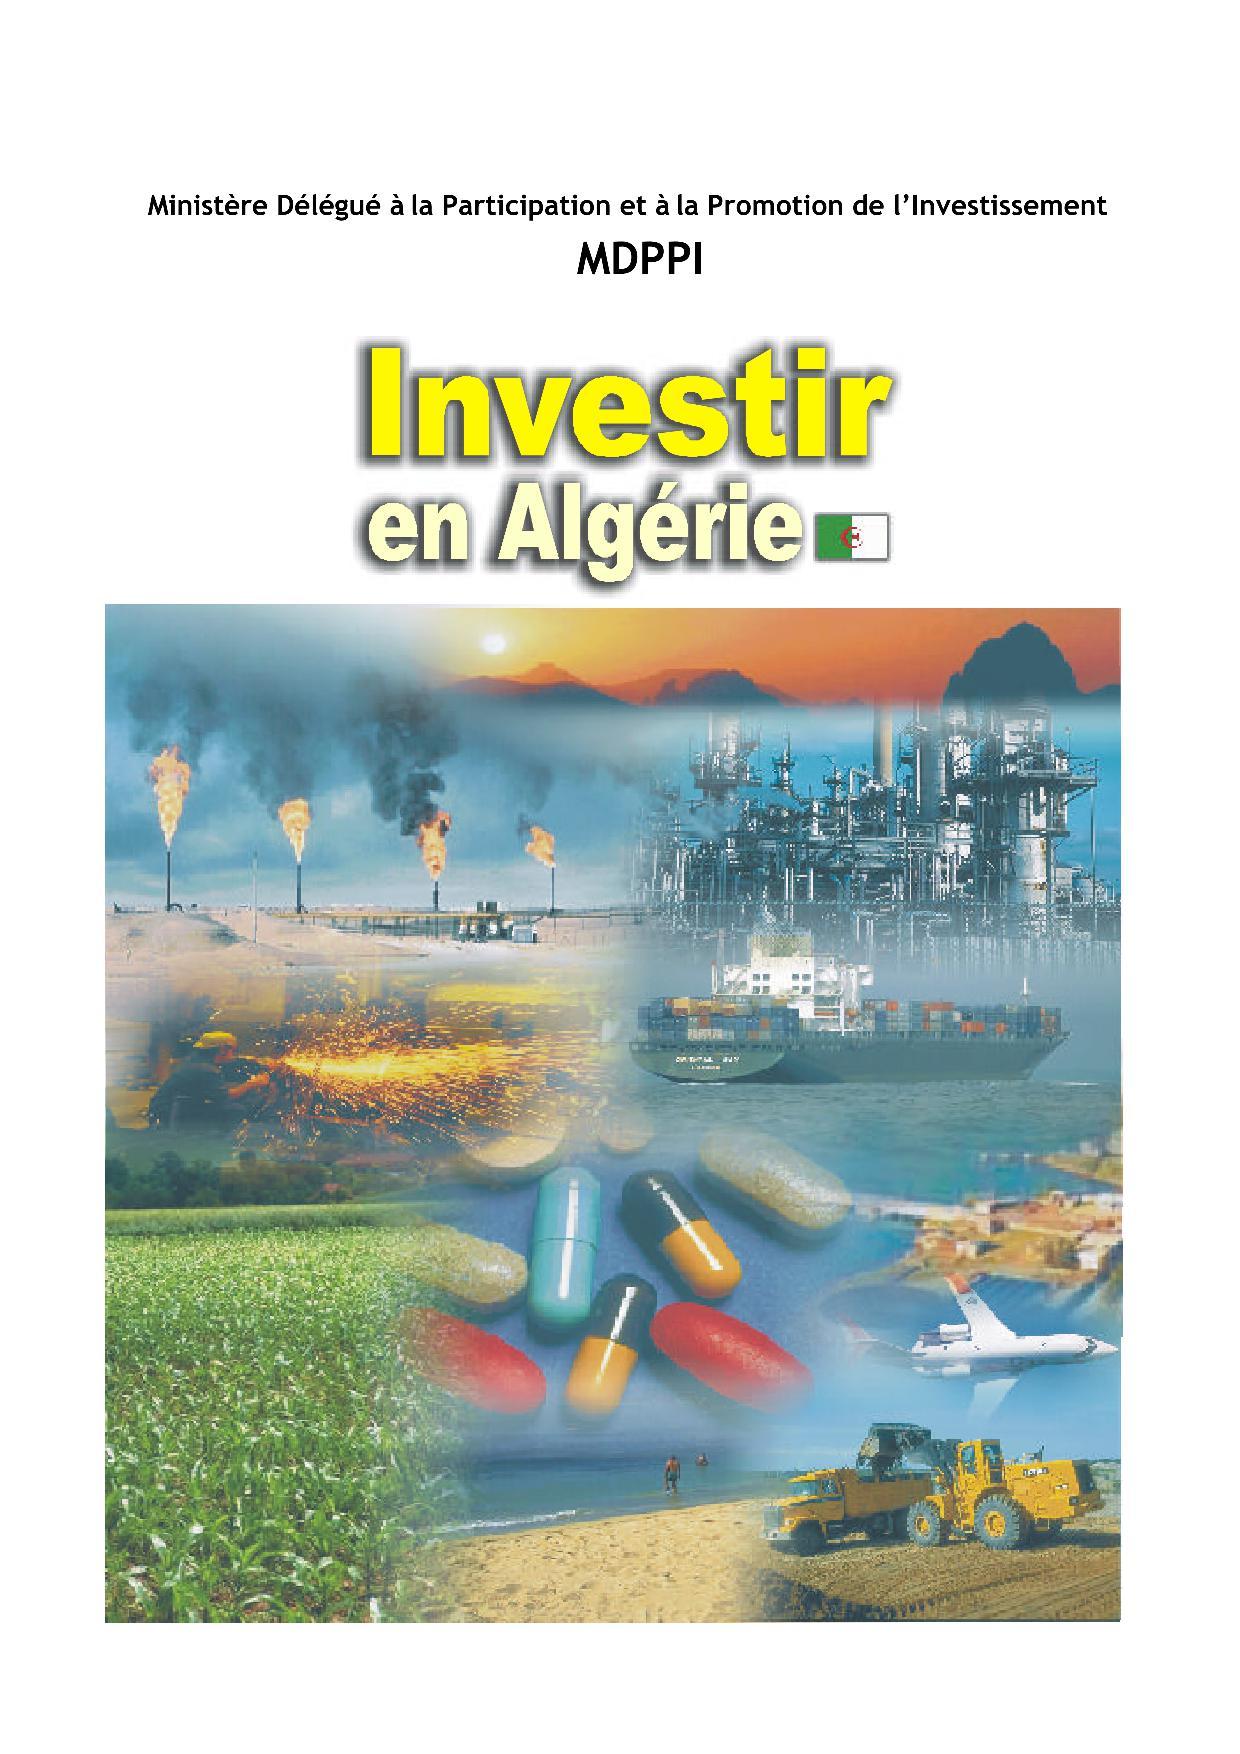 كيف ولمادا الإستثمار بشكل أفضل اليوم في الجزائر